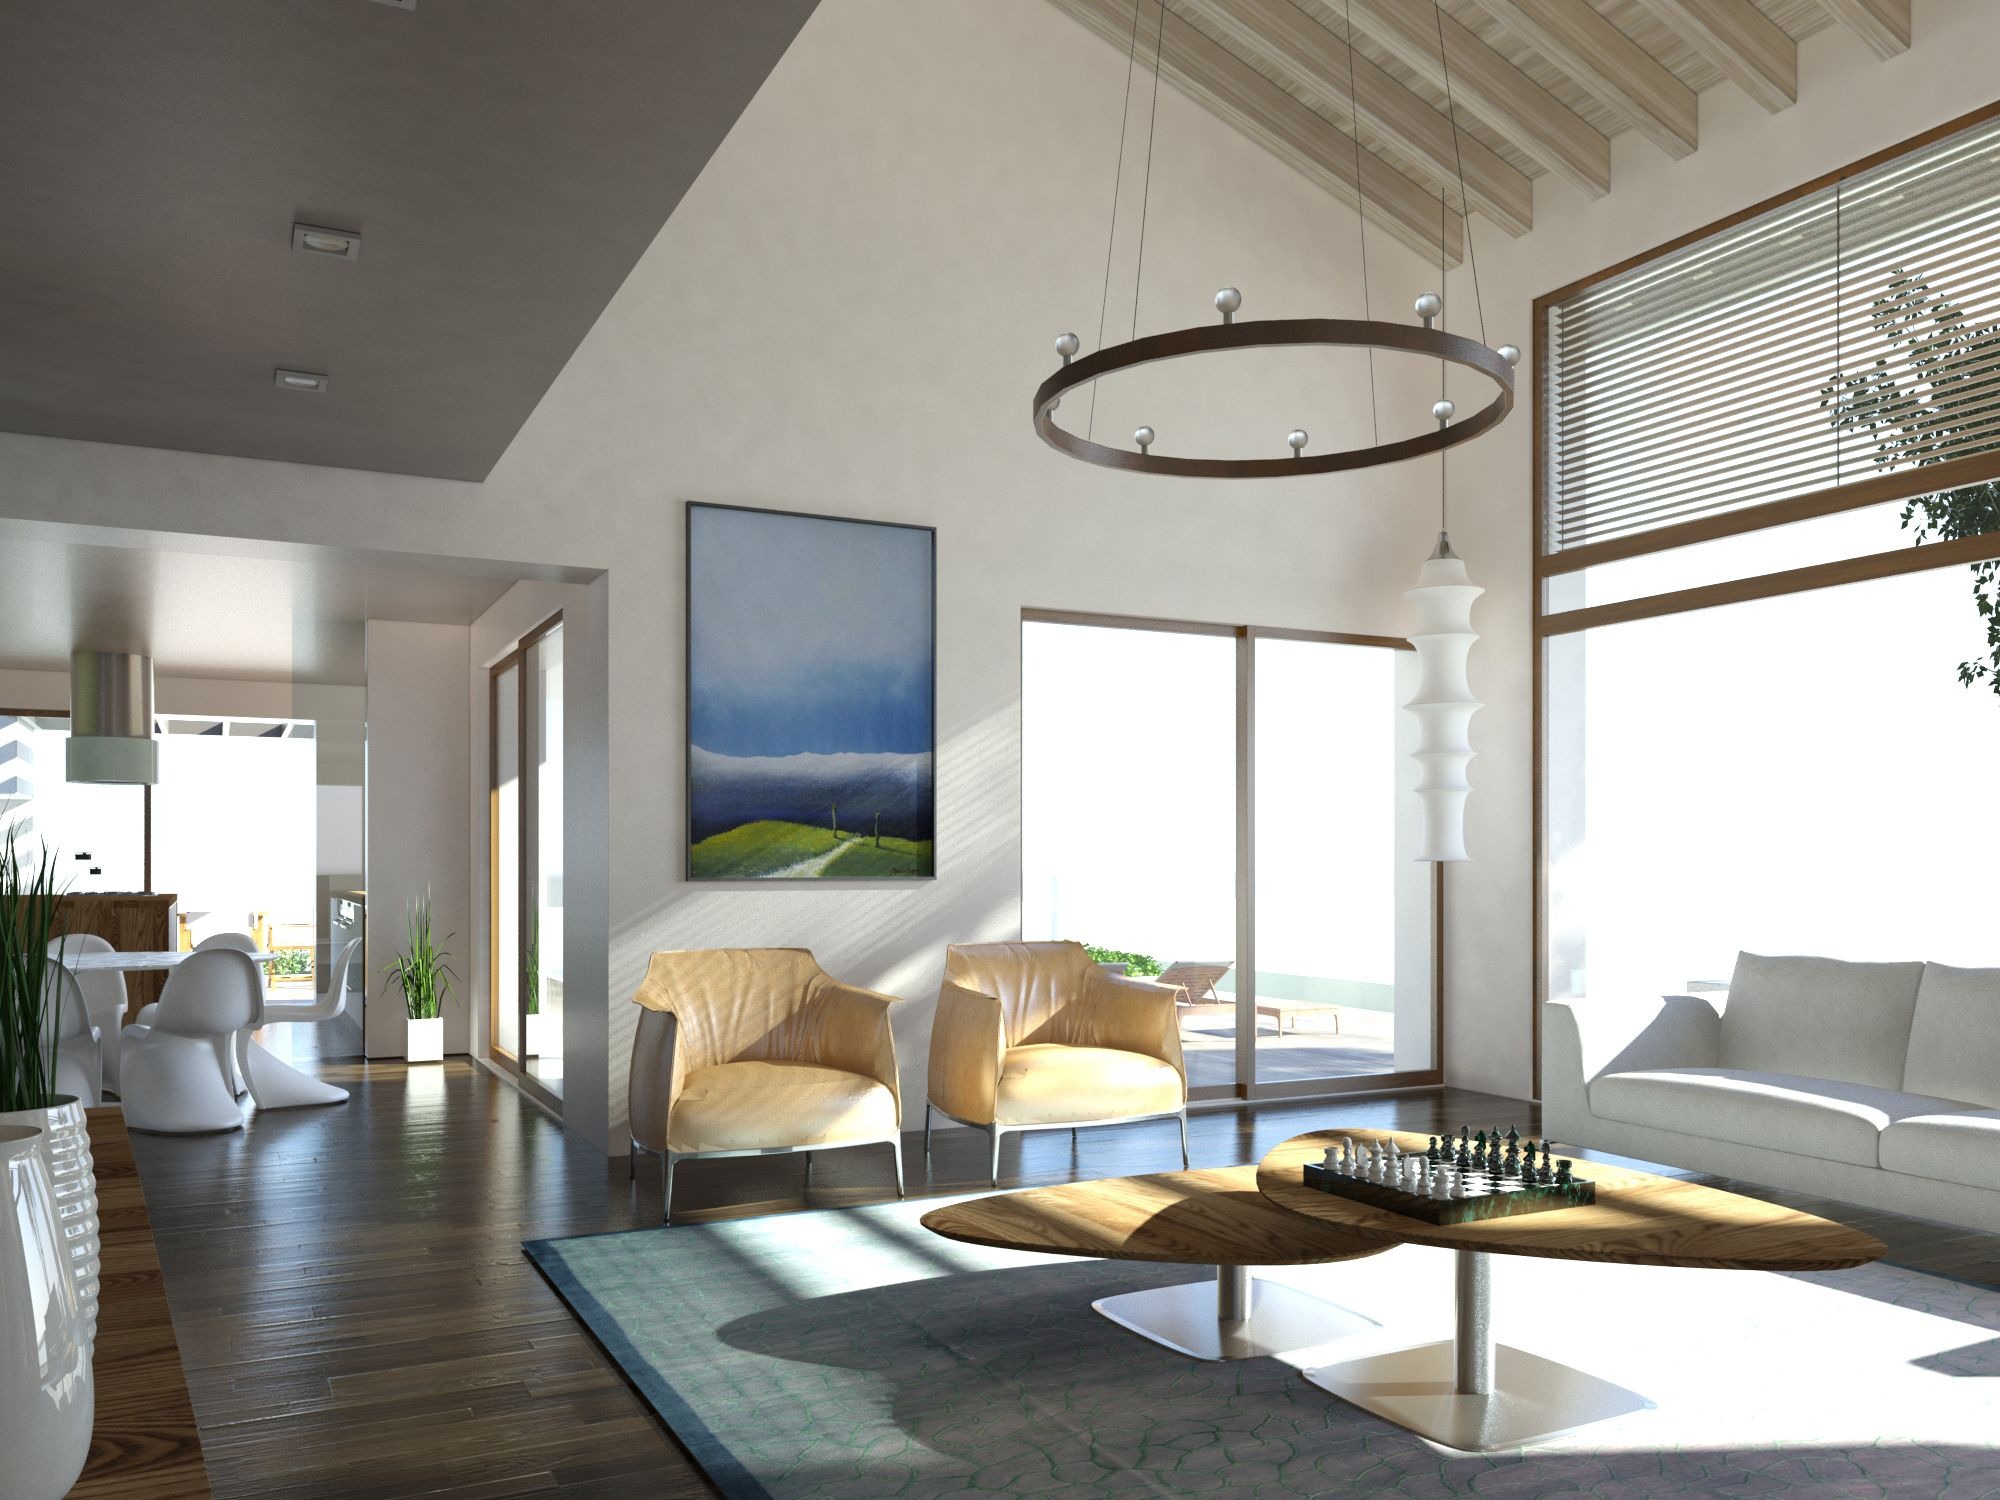 Il soggiorno a doppia altezza si apre sul giardino e la - Altezza quadri sopra divano ...